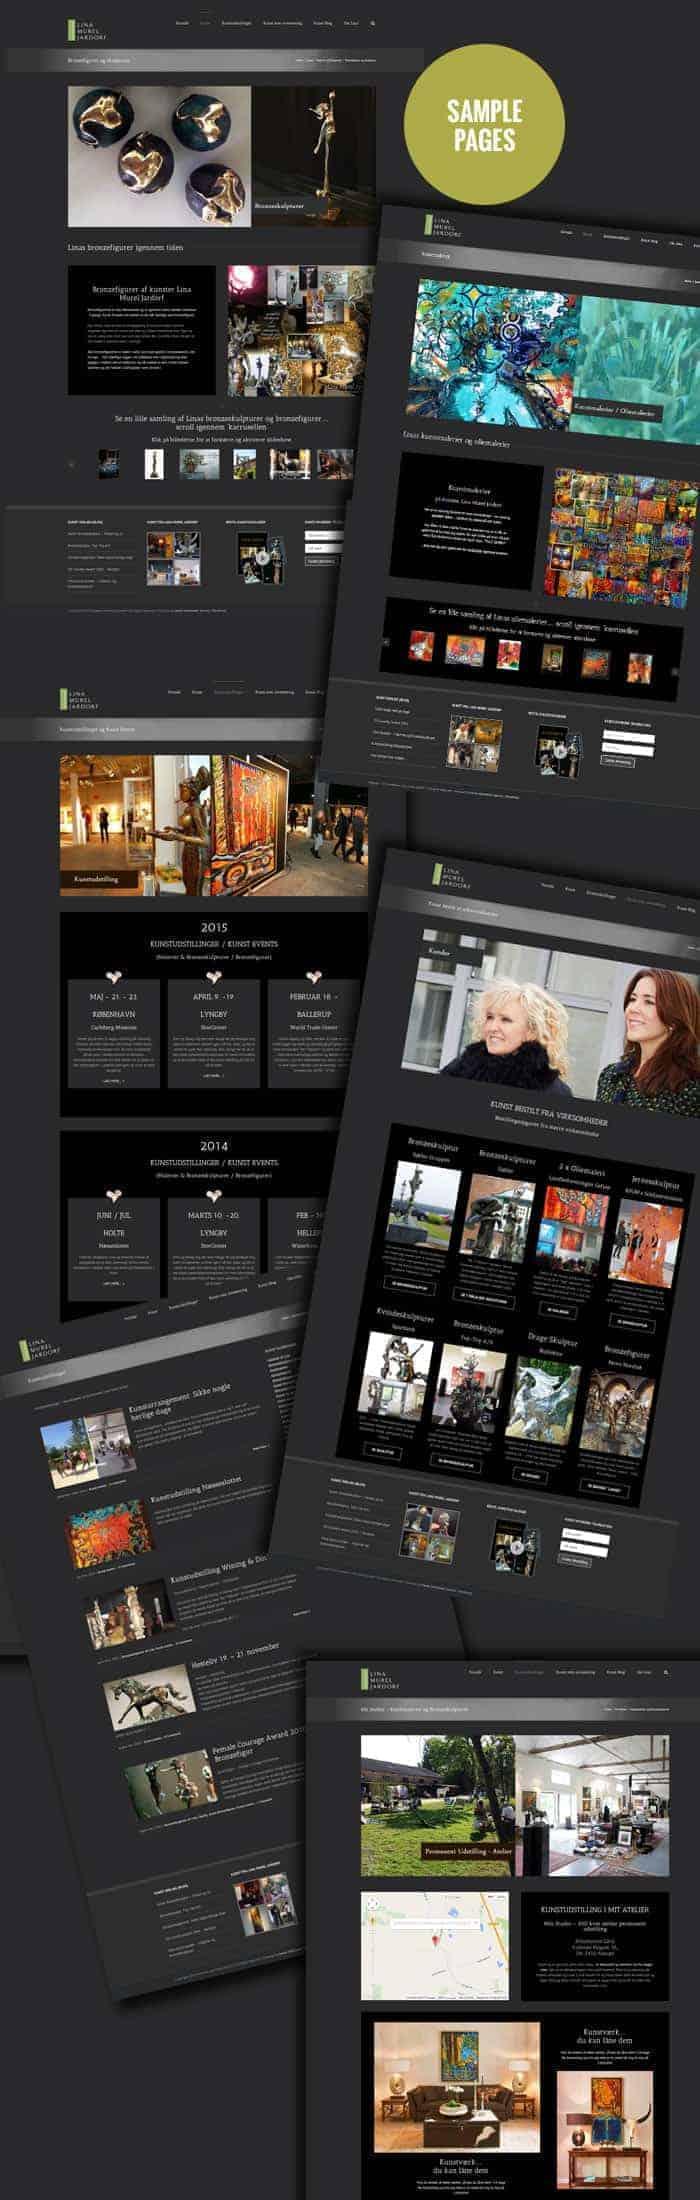 Linaart.dk Avada wordpress hjemmeside - seo optimering og re-design på Bizdoktor